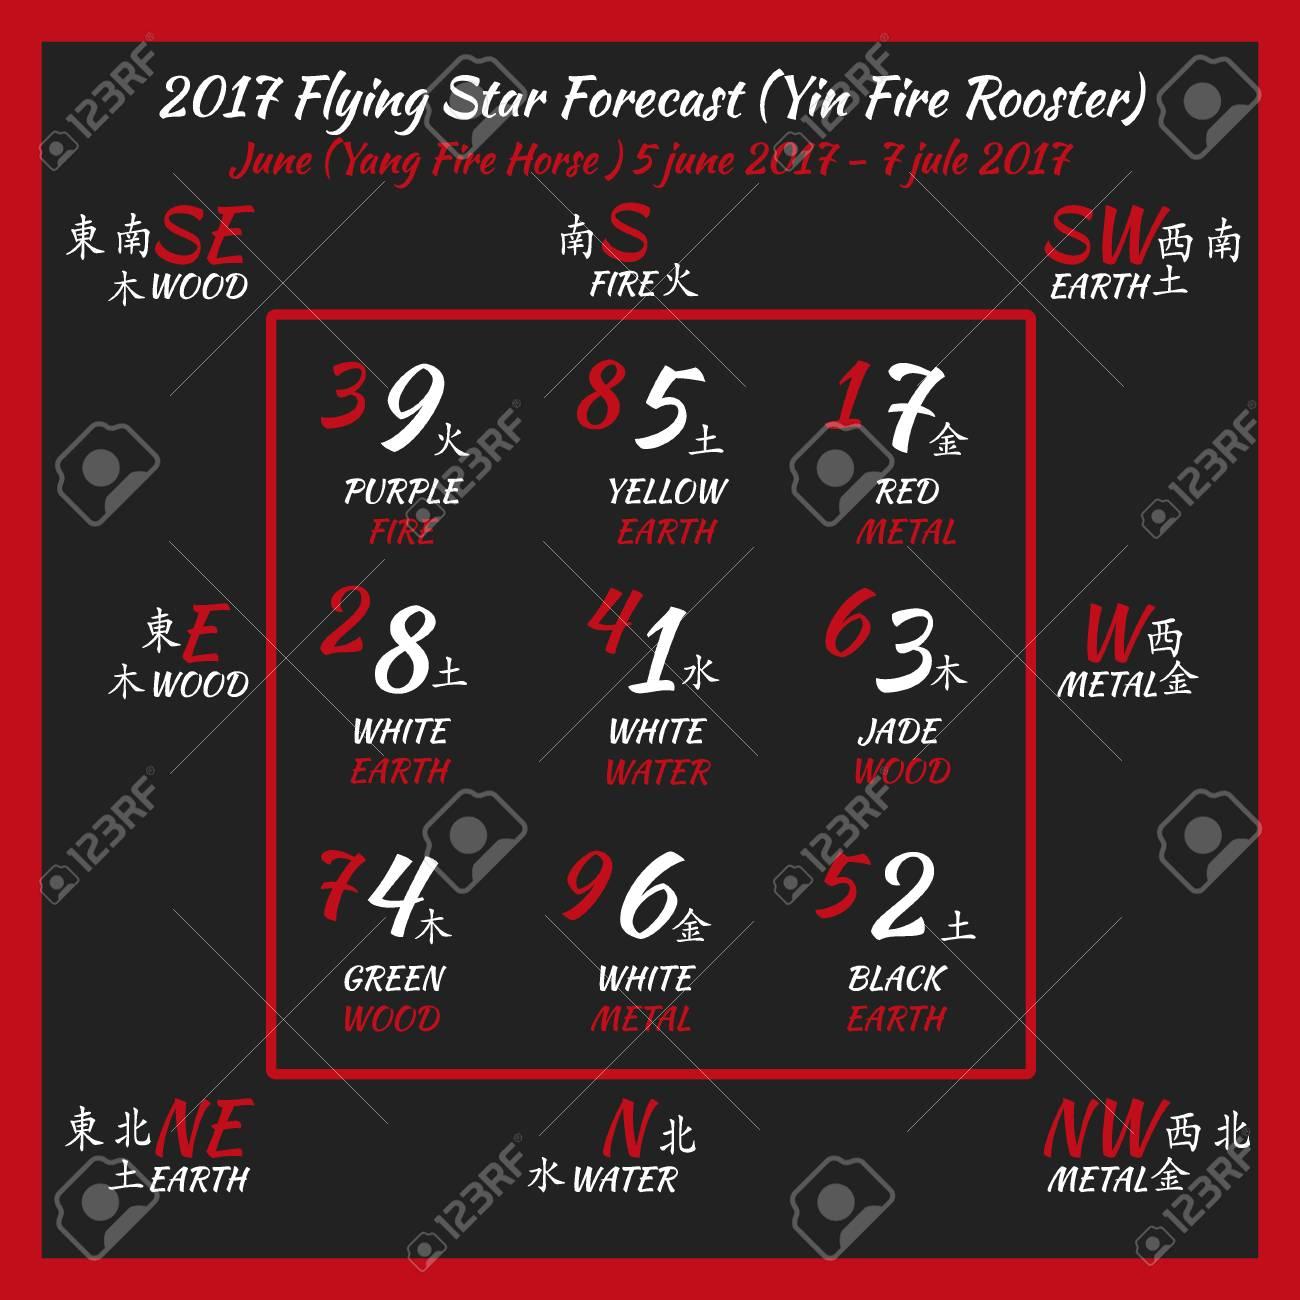 Prévisions Détoiles Volantes 2017 Numéros De Hiéroglyphes Chinois Traduction De Caractères Nombres Lo Shu Carré 2017 Calendrier Feng Shui